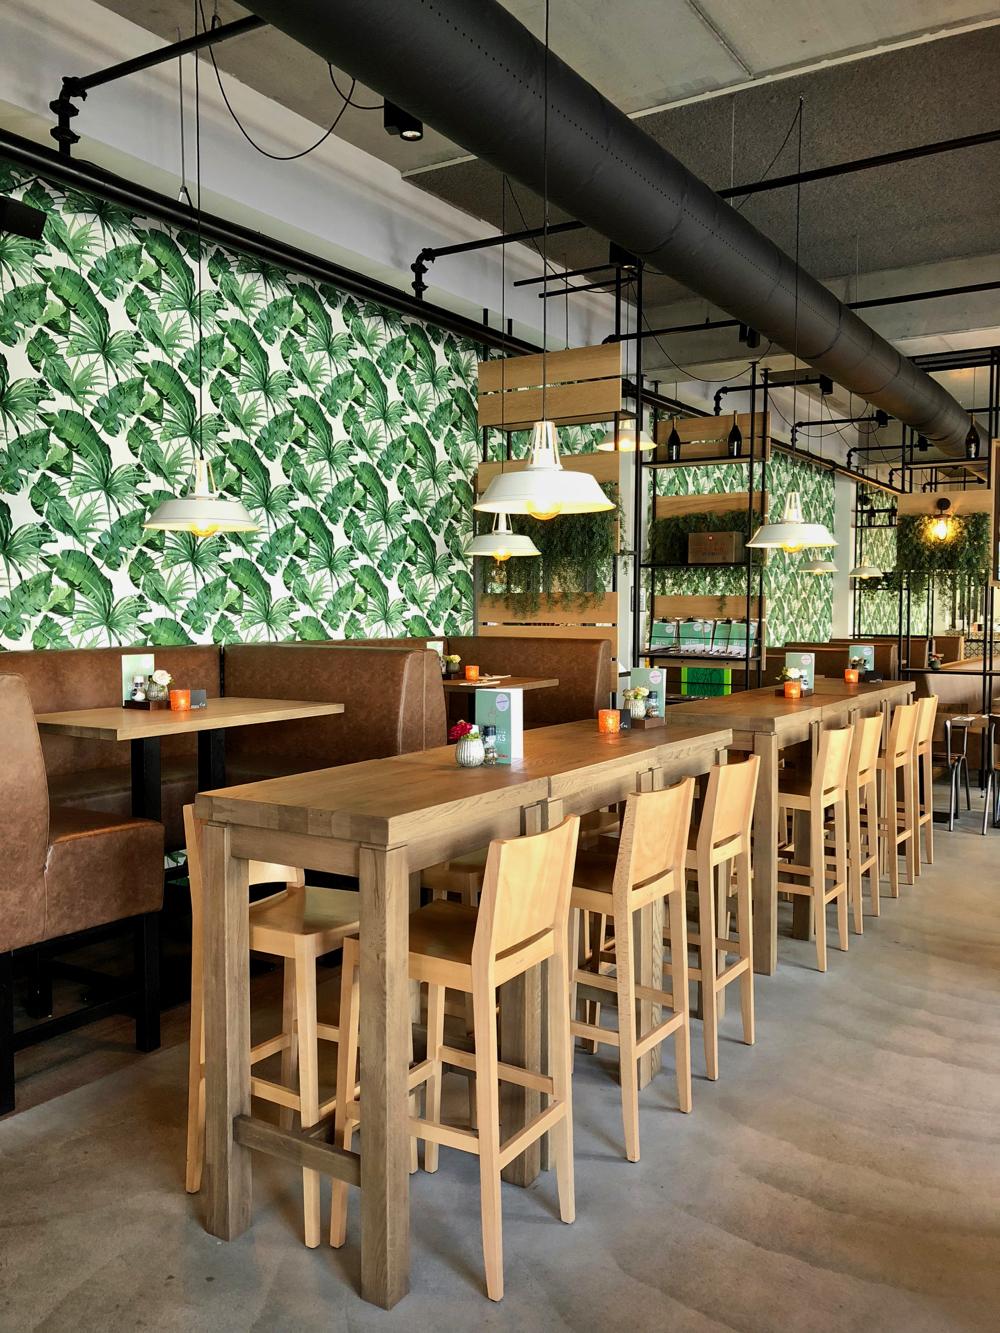 Hoge tafels en een jungle behang in het restaurant